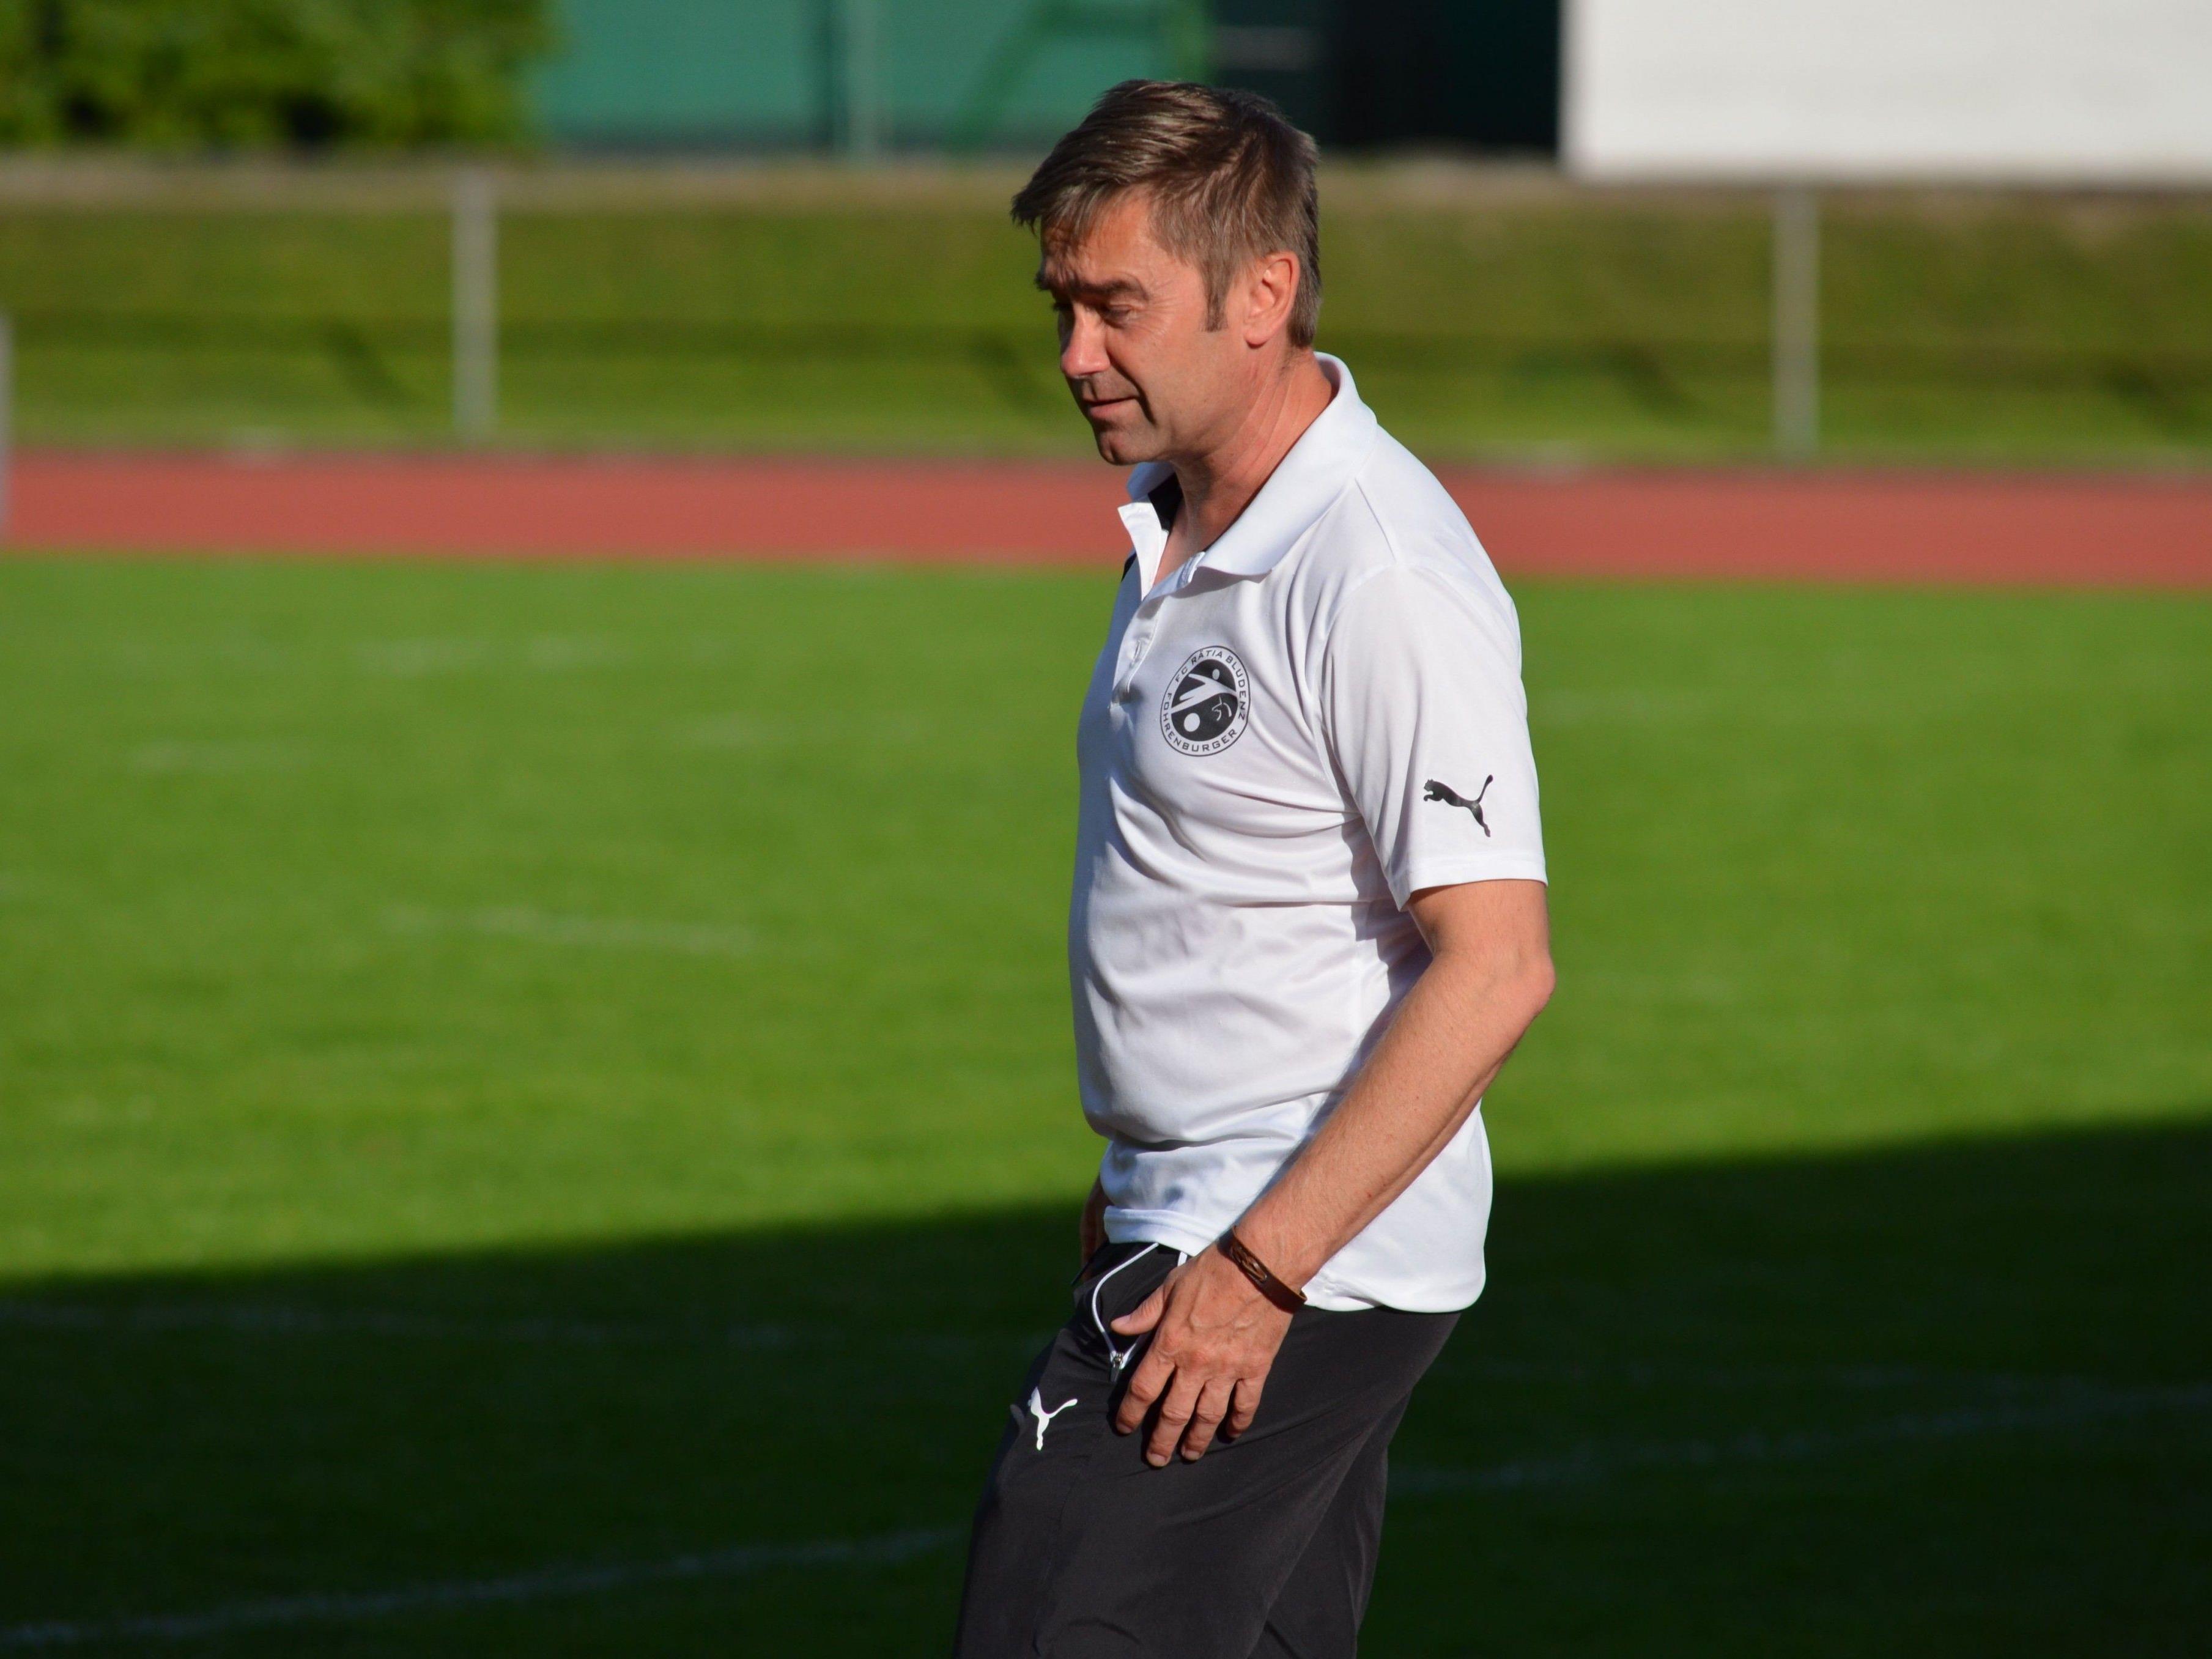 Bernd Langebner schaffte mit seinem Team den Klassenerhalt.